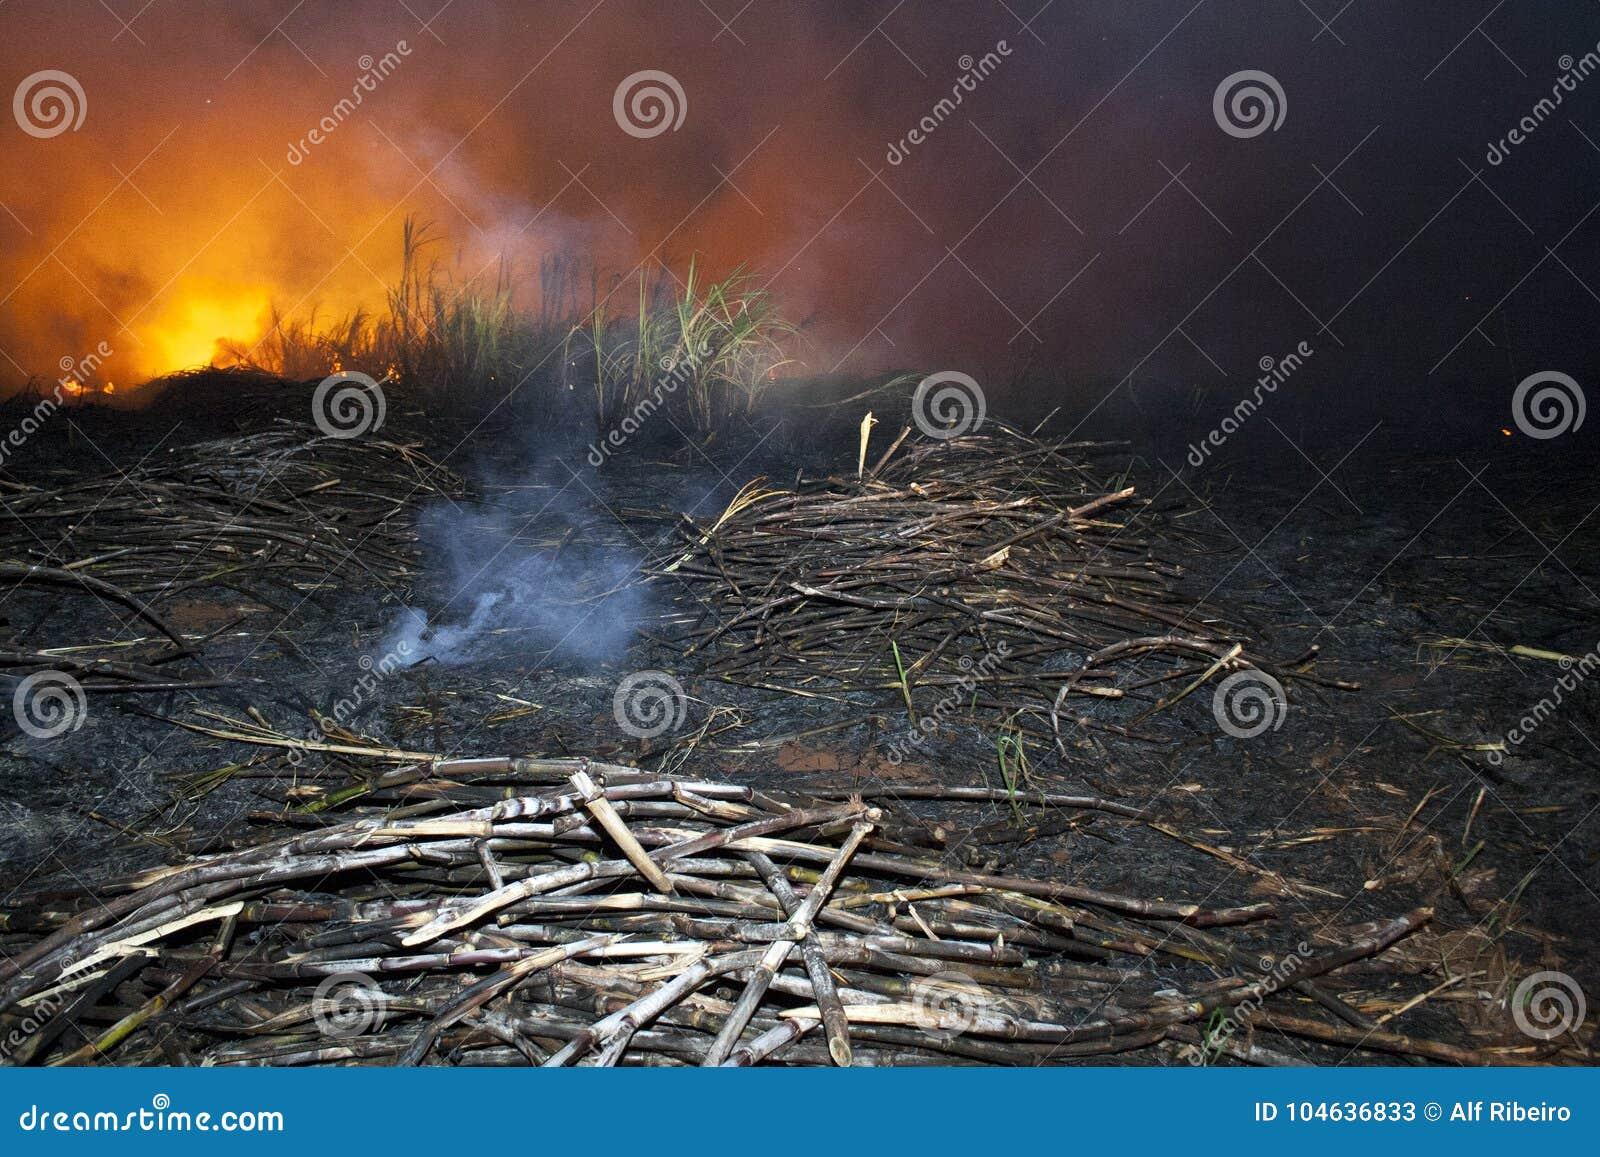 Download Suikerrietbrand stock afbeelding. Afbeelding bestaande uit brand - 104636833